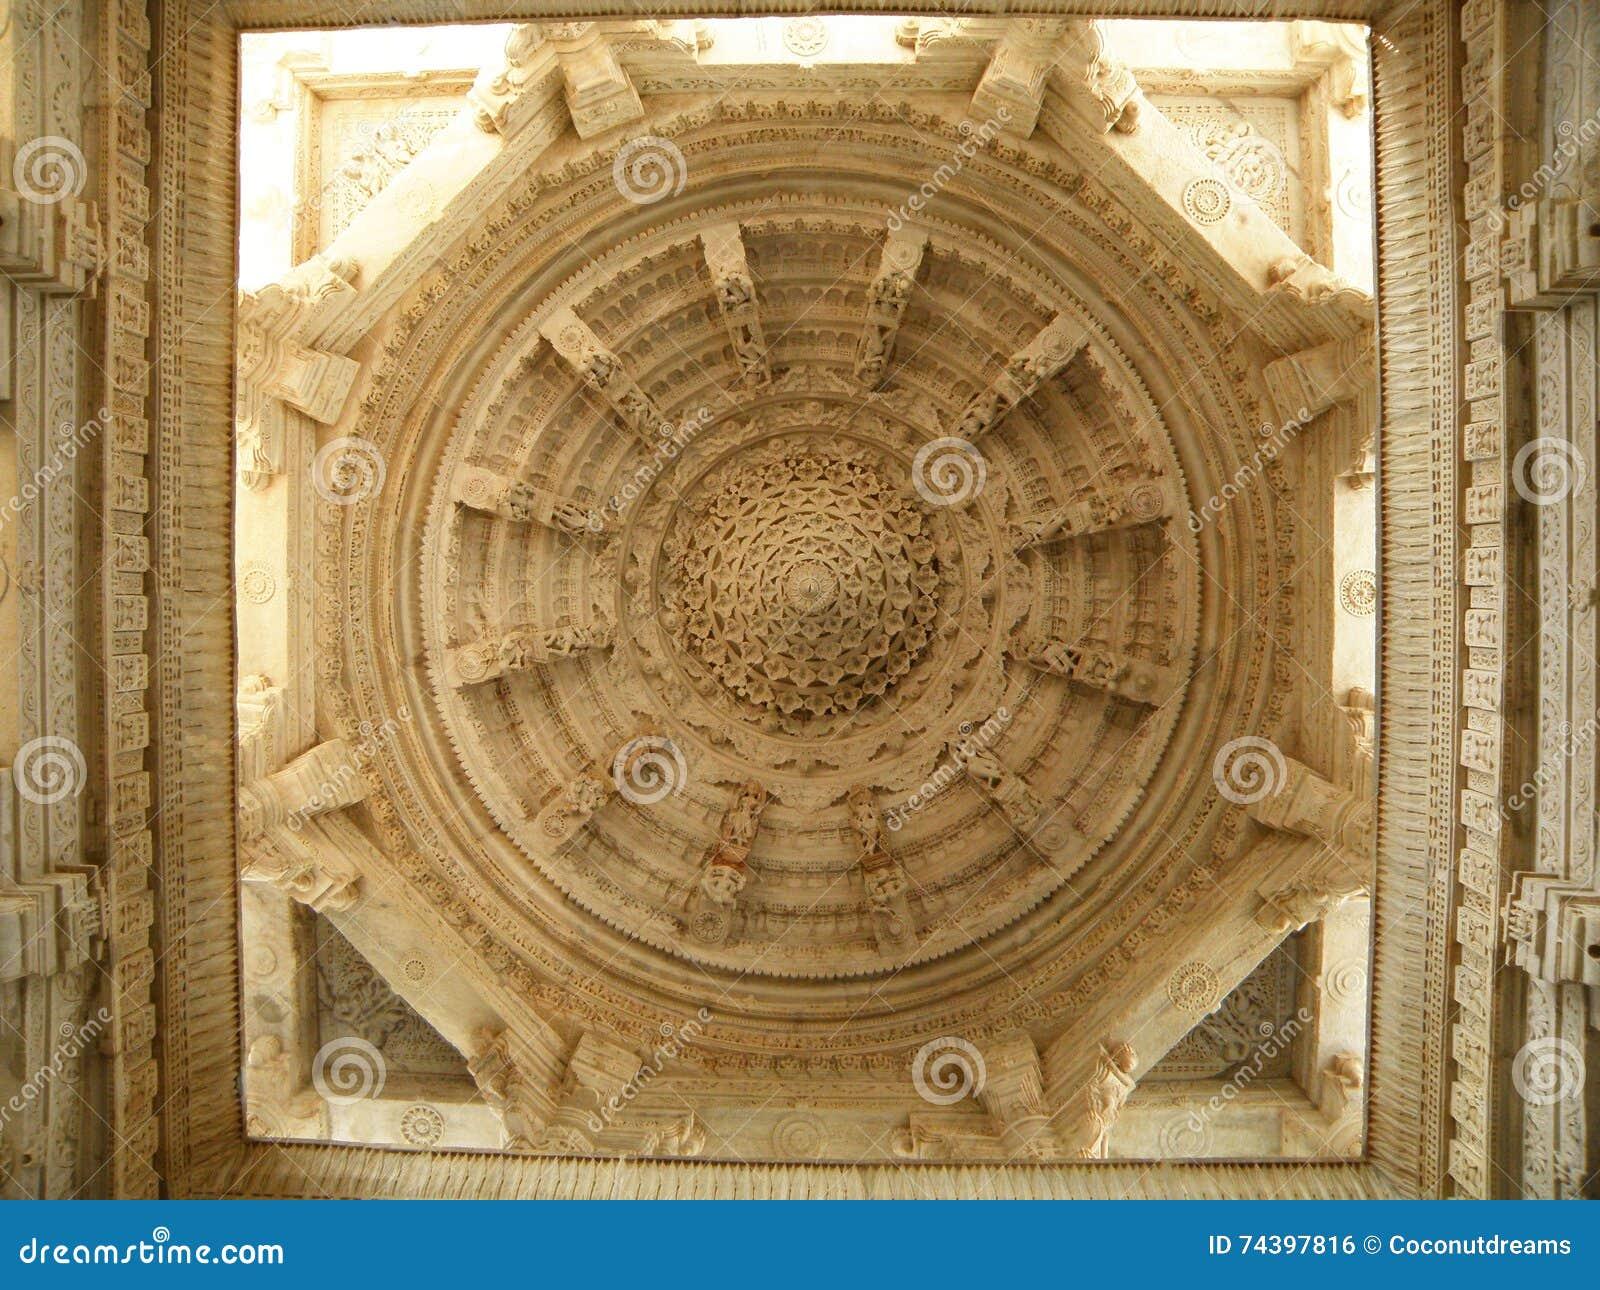 erstaunliche stuck-decke des jainismus-tempels stockfoto - bild von